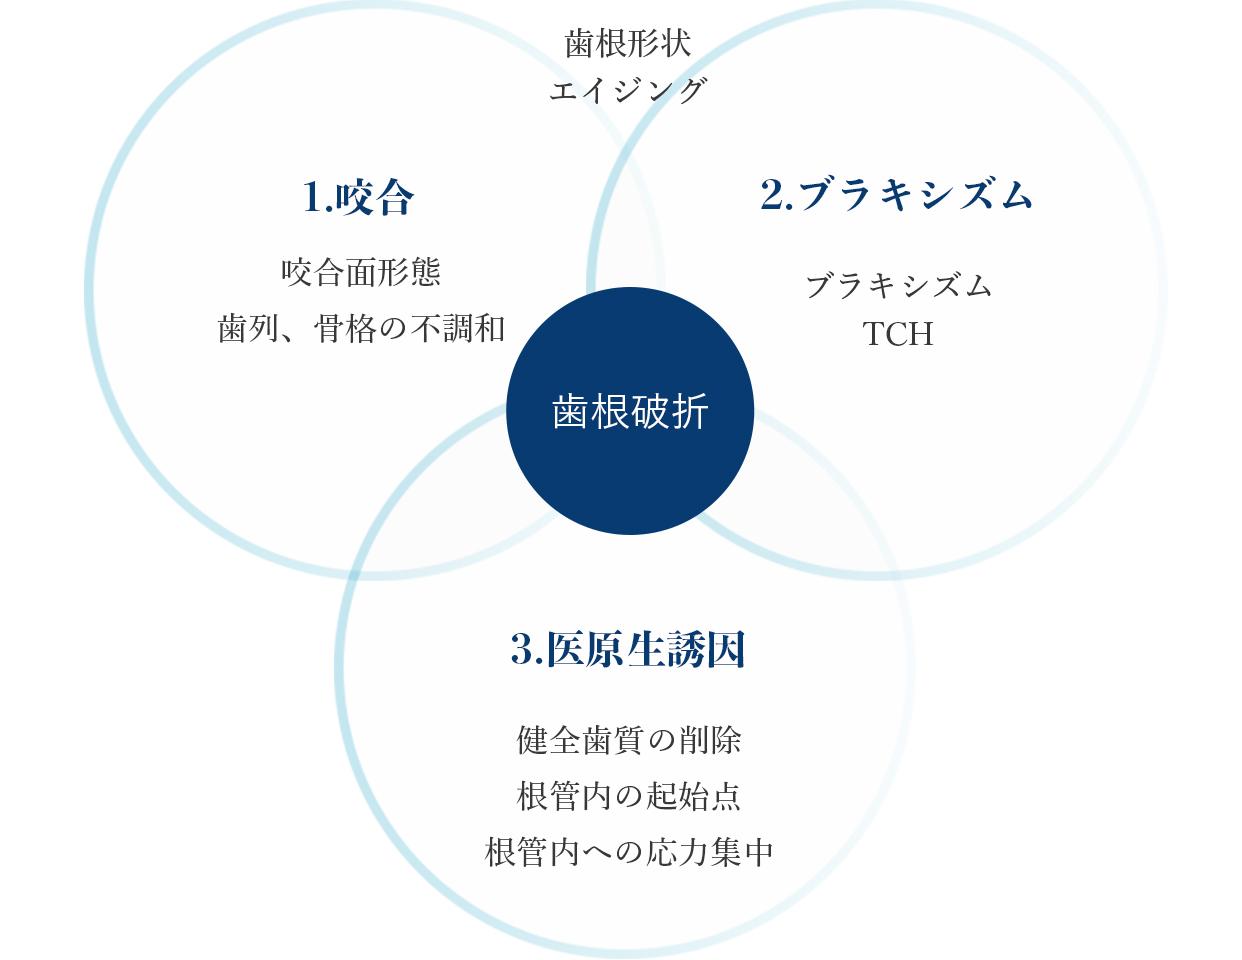 咬合・ブラキシズム・医源生誘因イメージ